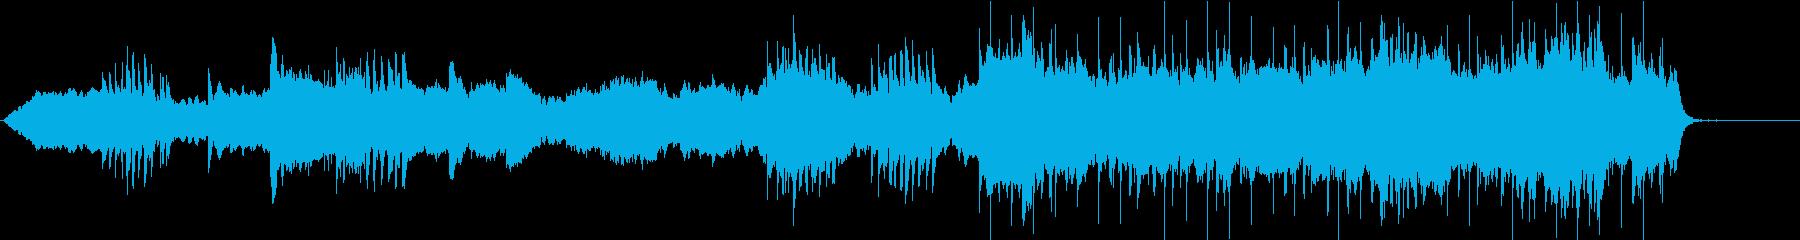 深く静かな神秘的イメージのBGMの再生済みの波形